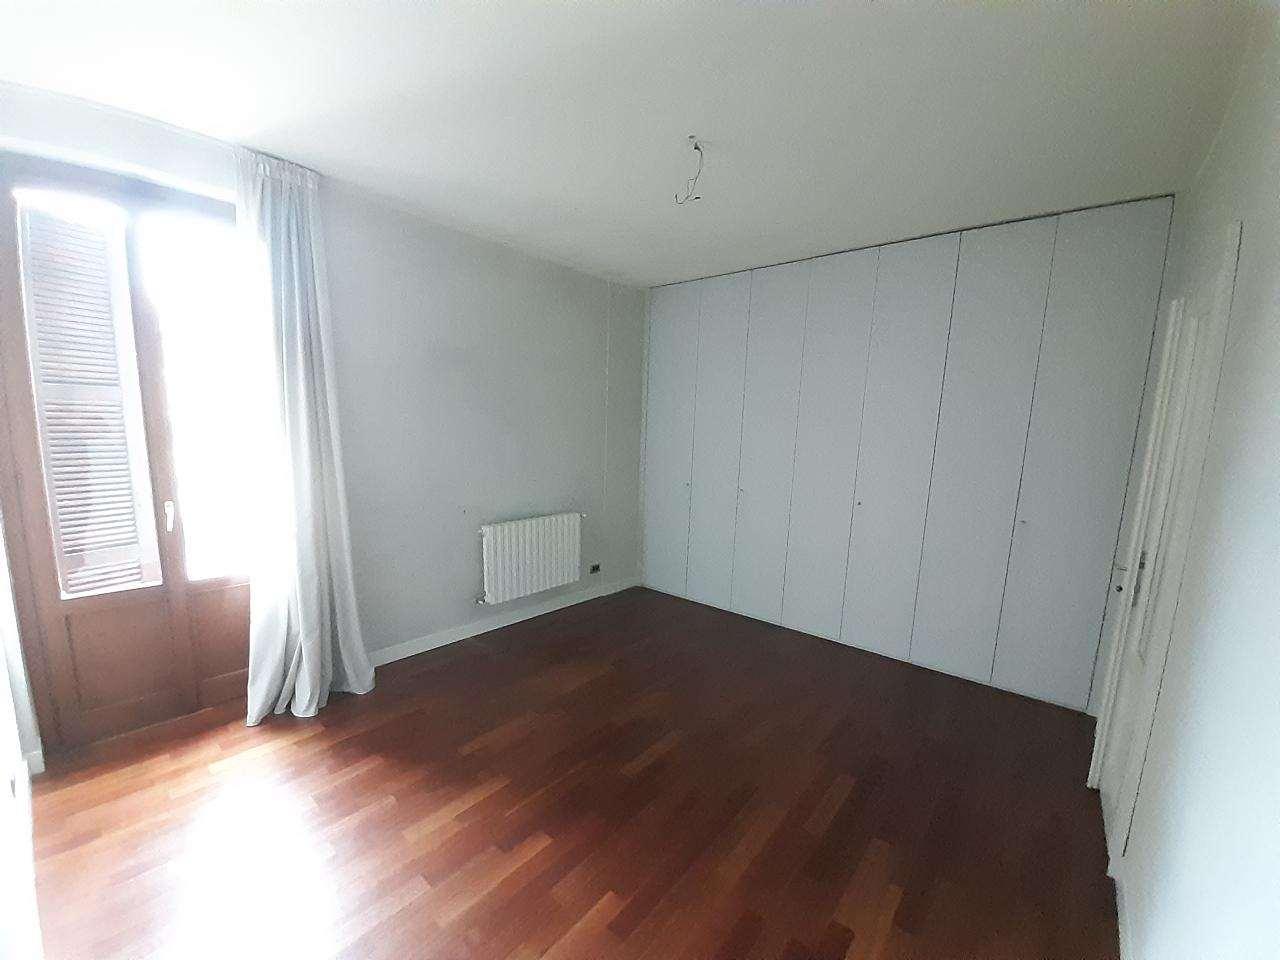 Appartamento in affitto a Cremona, 4 locali, prezzo € 1.000 | CambioCasa.it